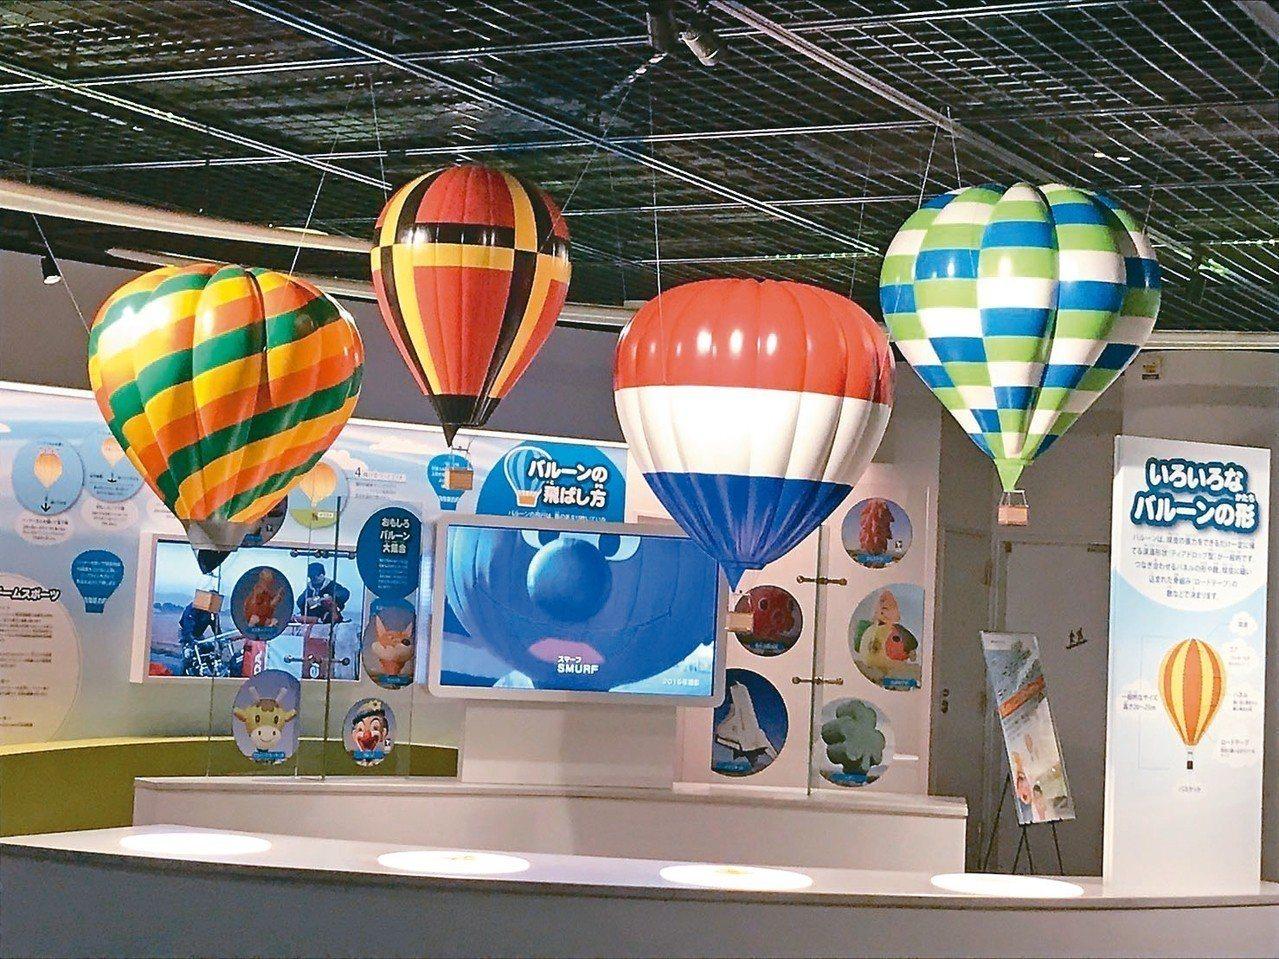 「佐賀熱氣球博物館」是日本首間熱氣球博物館。 記者葉卉軒/攝影